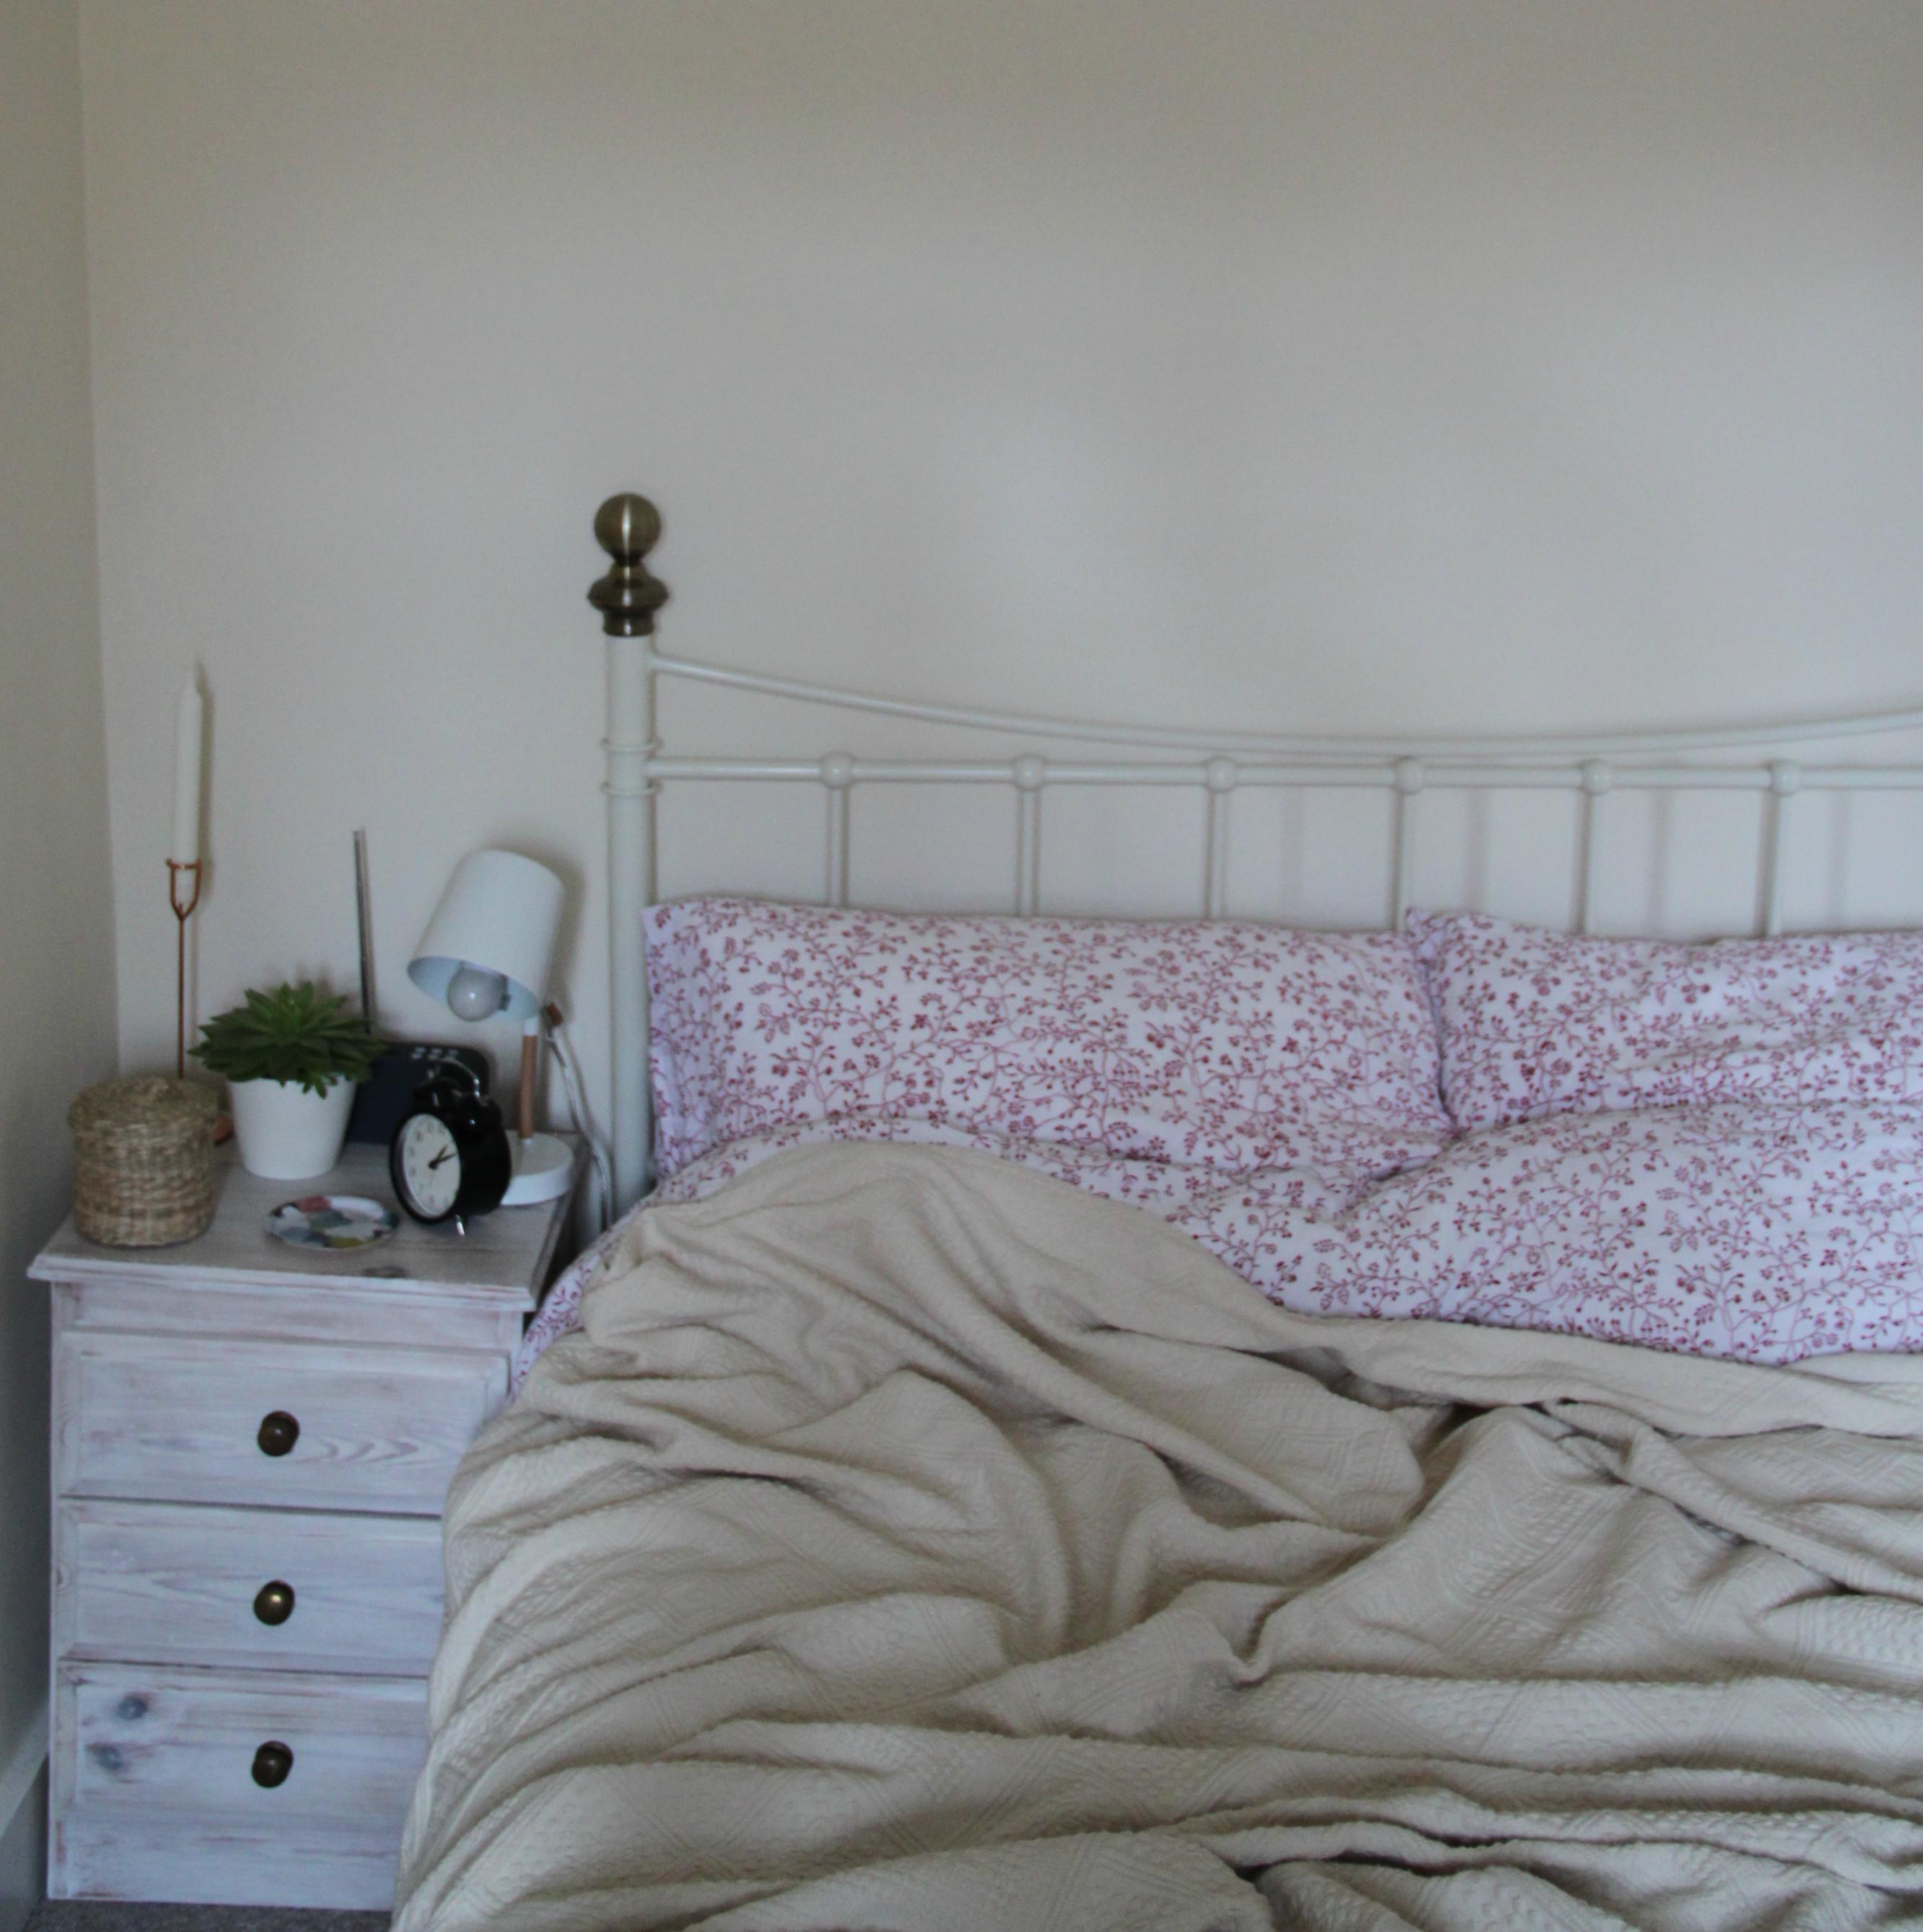 vivre bohème bedroom style